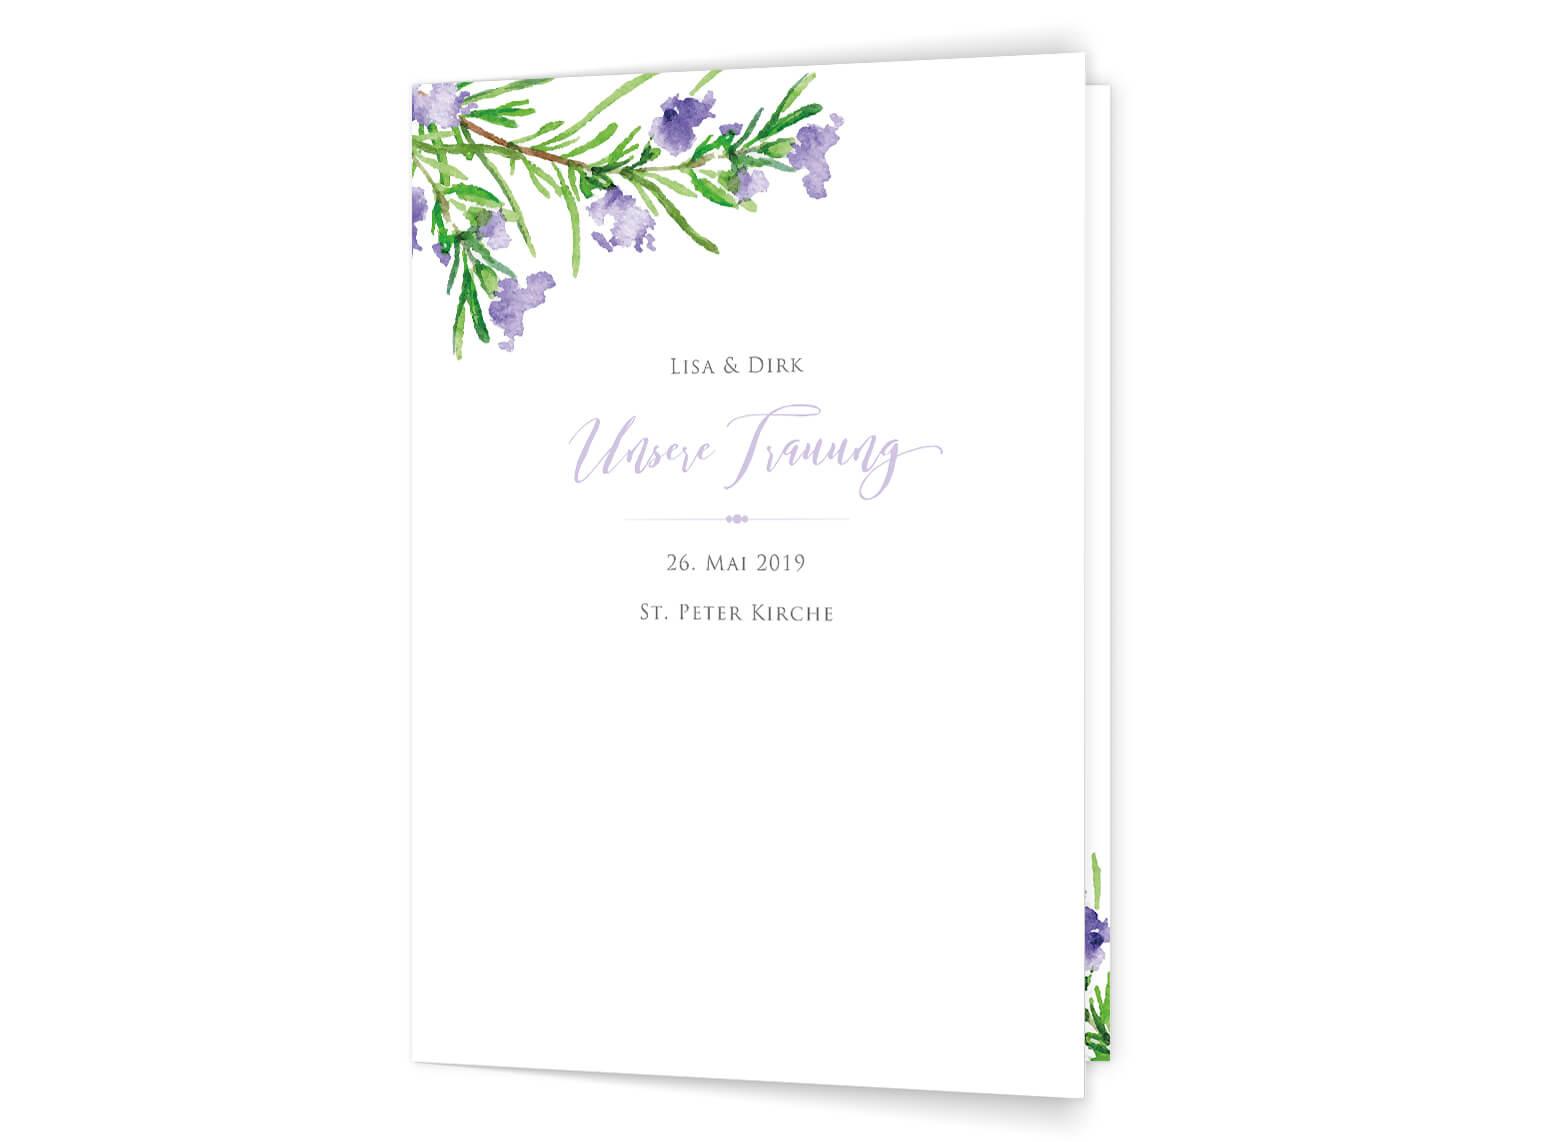 Hochzeit Kirchenheft-Umschlag Rosmarin Zweige in grün und violet Auqarell